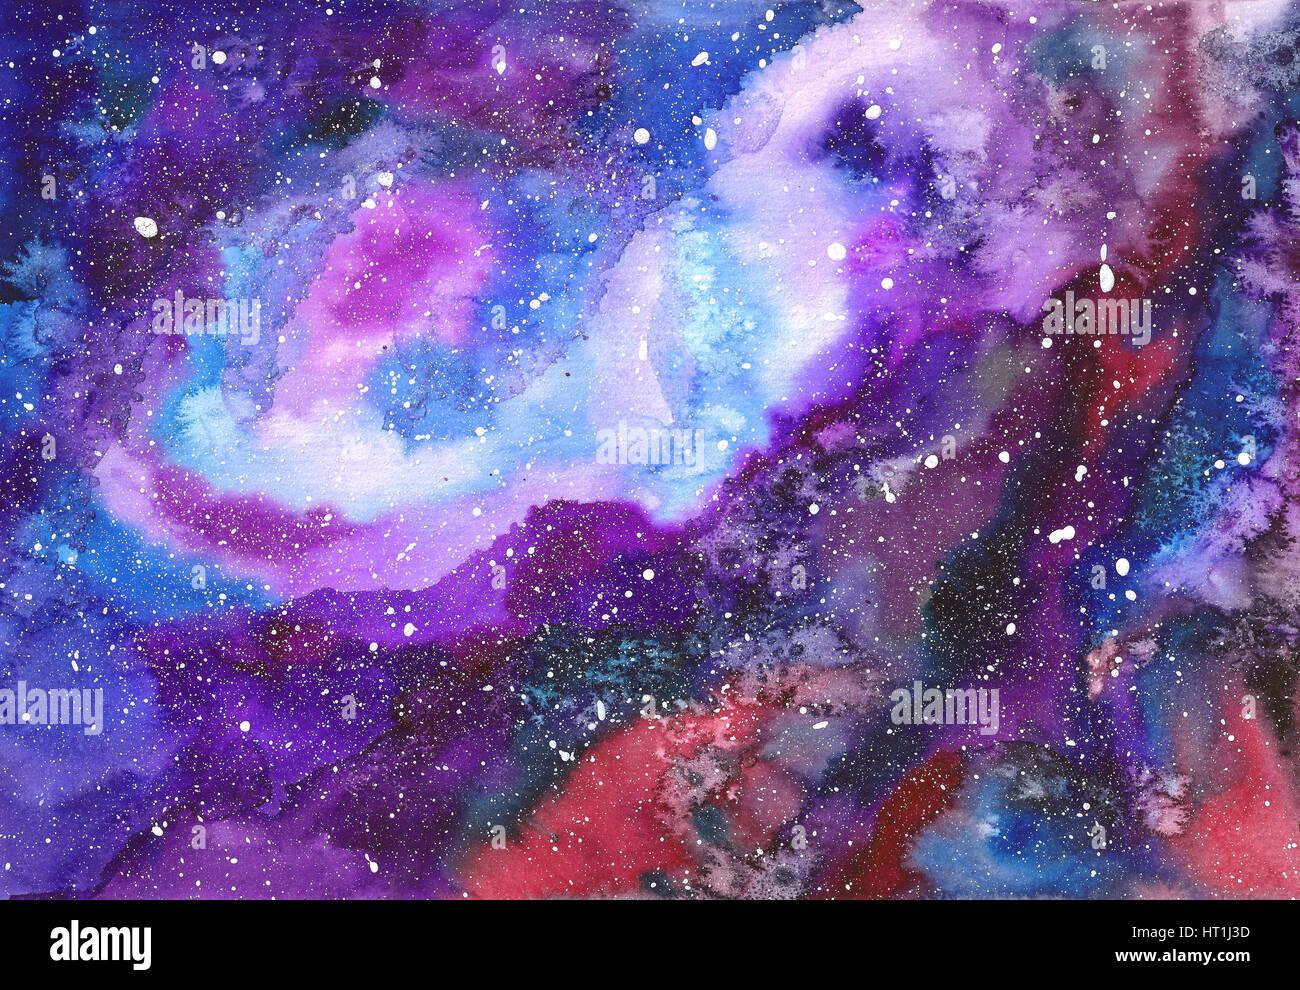 Espacio Abstracto Antecedentes Acuarela Pintada A Mano Dibujar A